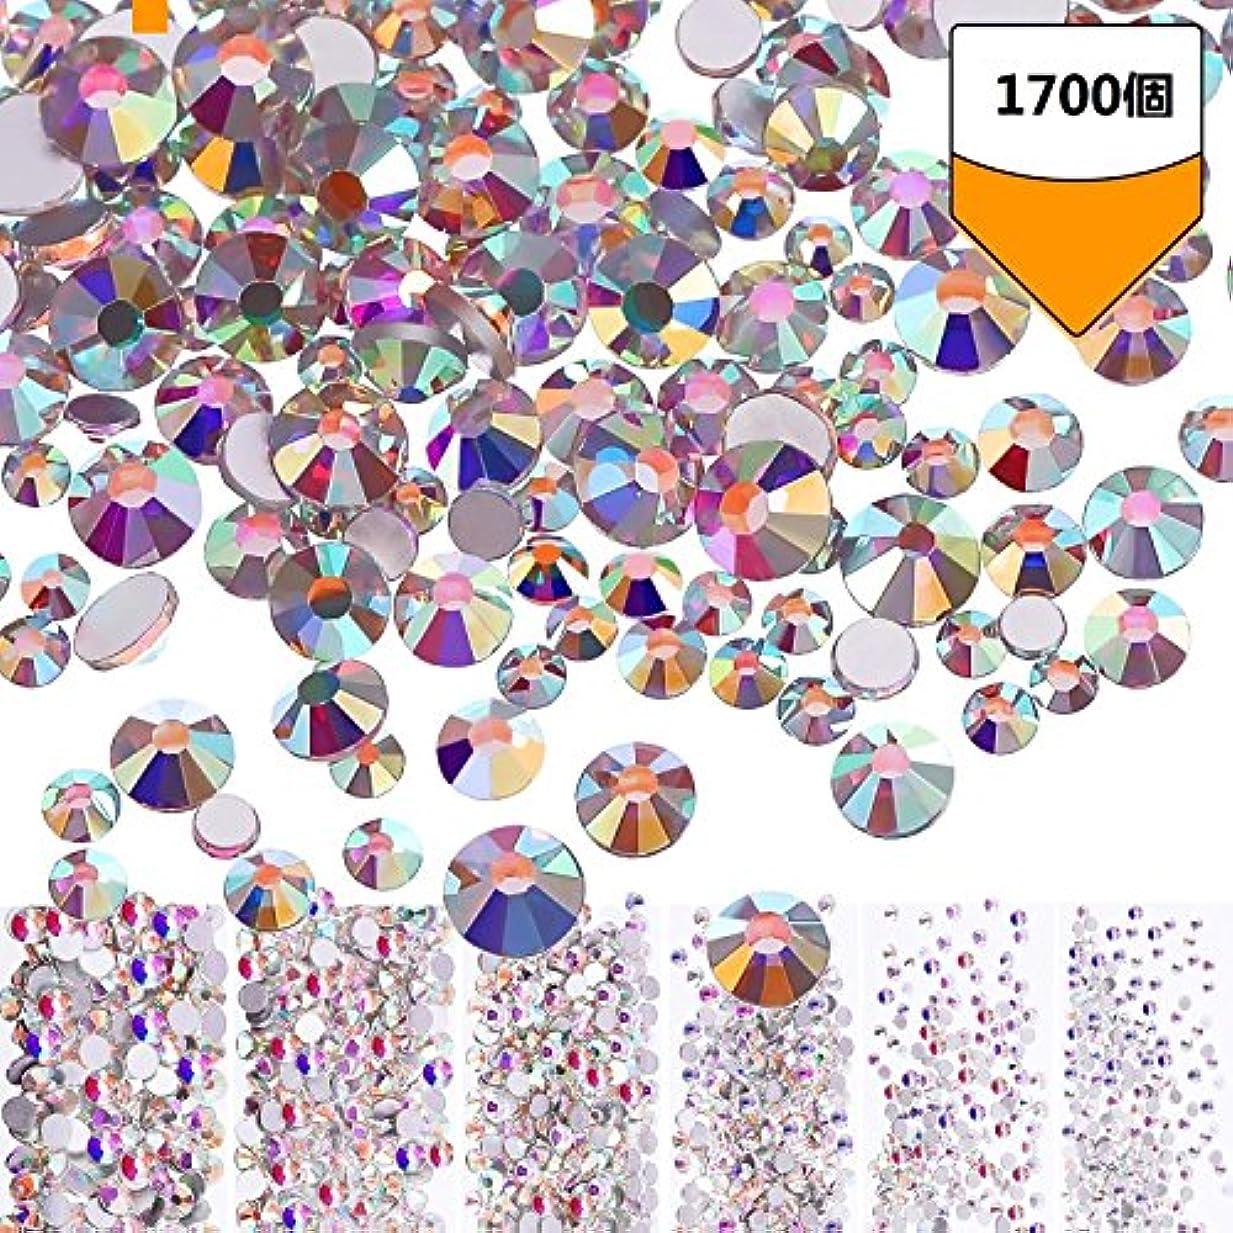 敵対的懺悔寛容なラインストーン ネイル デコ ガラスストーン クリスタル 改良 高品質ガラス製ラインストーン(1.6mm-3mm 約1700粒)